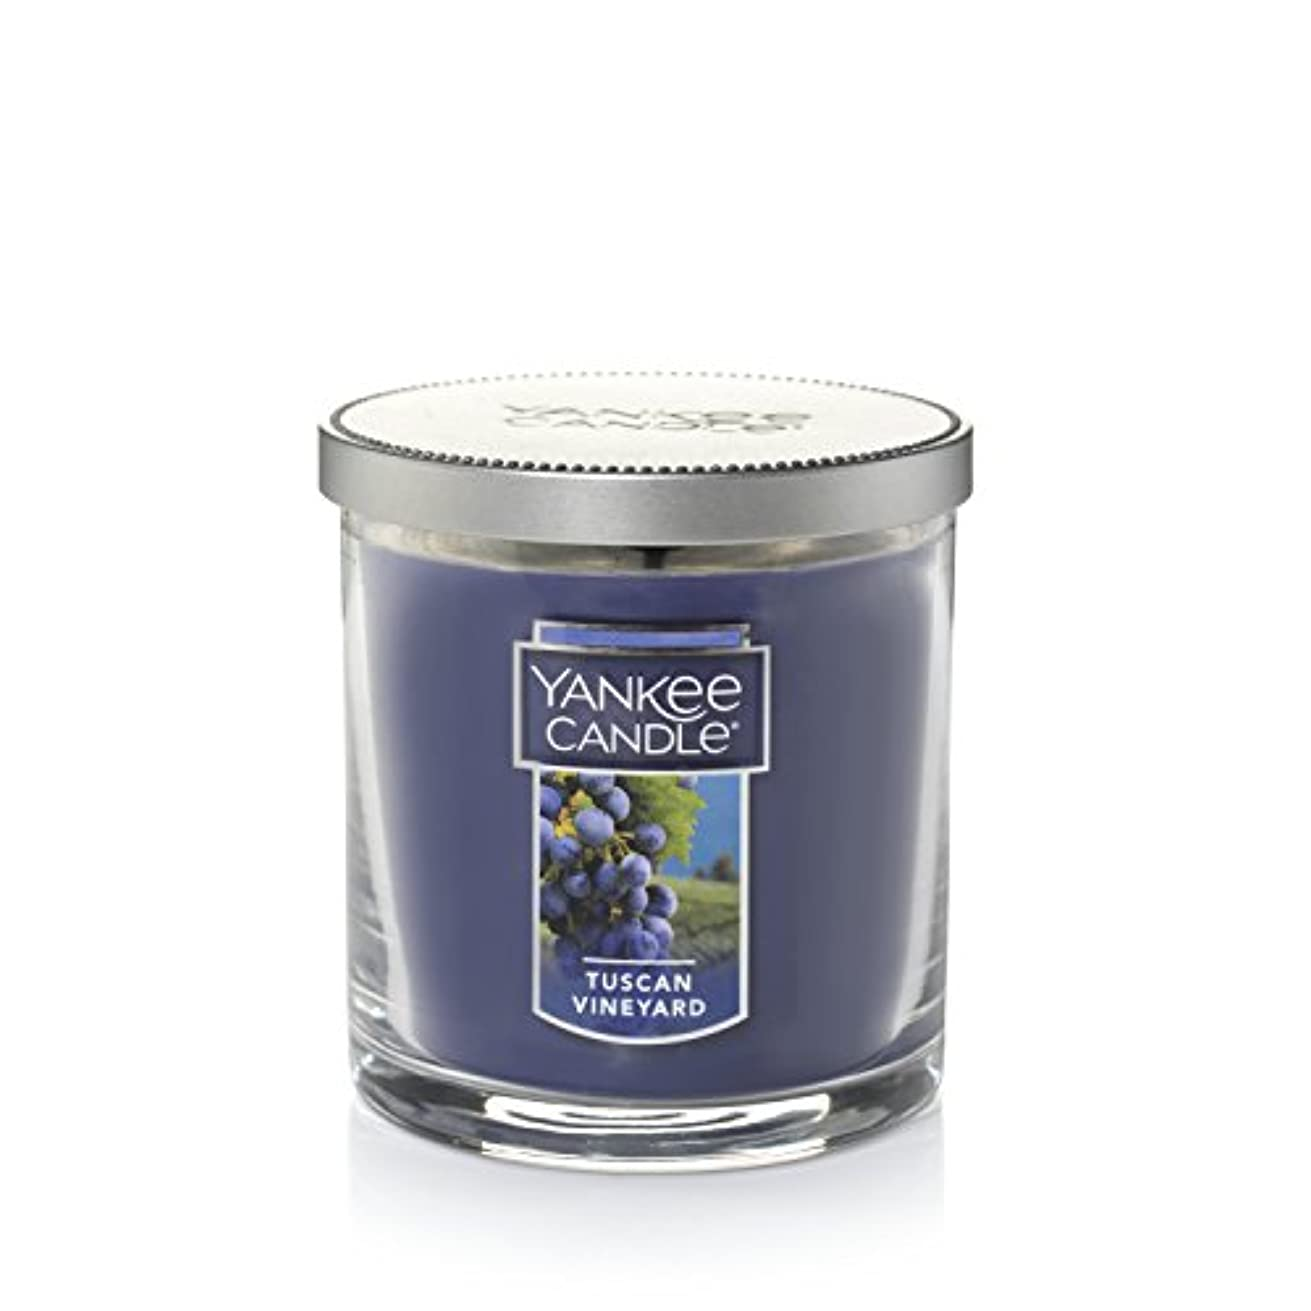 マネージャー国民投票アトミックYankee Candle Vineyard、フルーツ香り Small Tumbler Candles パープル 1184180Z